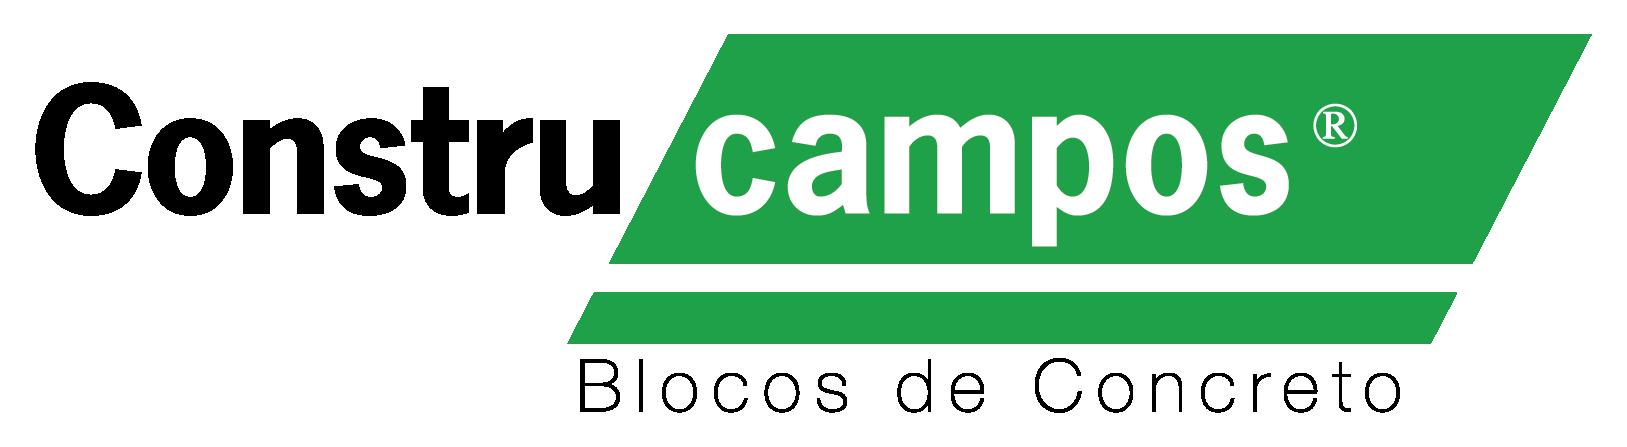 Logotipo ConstruCampos